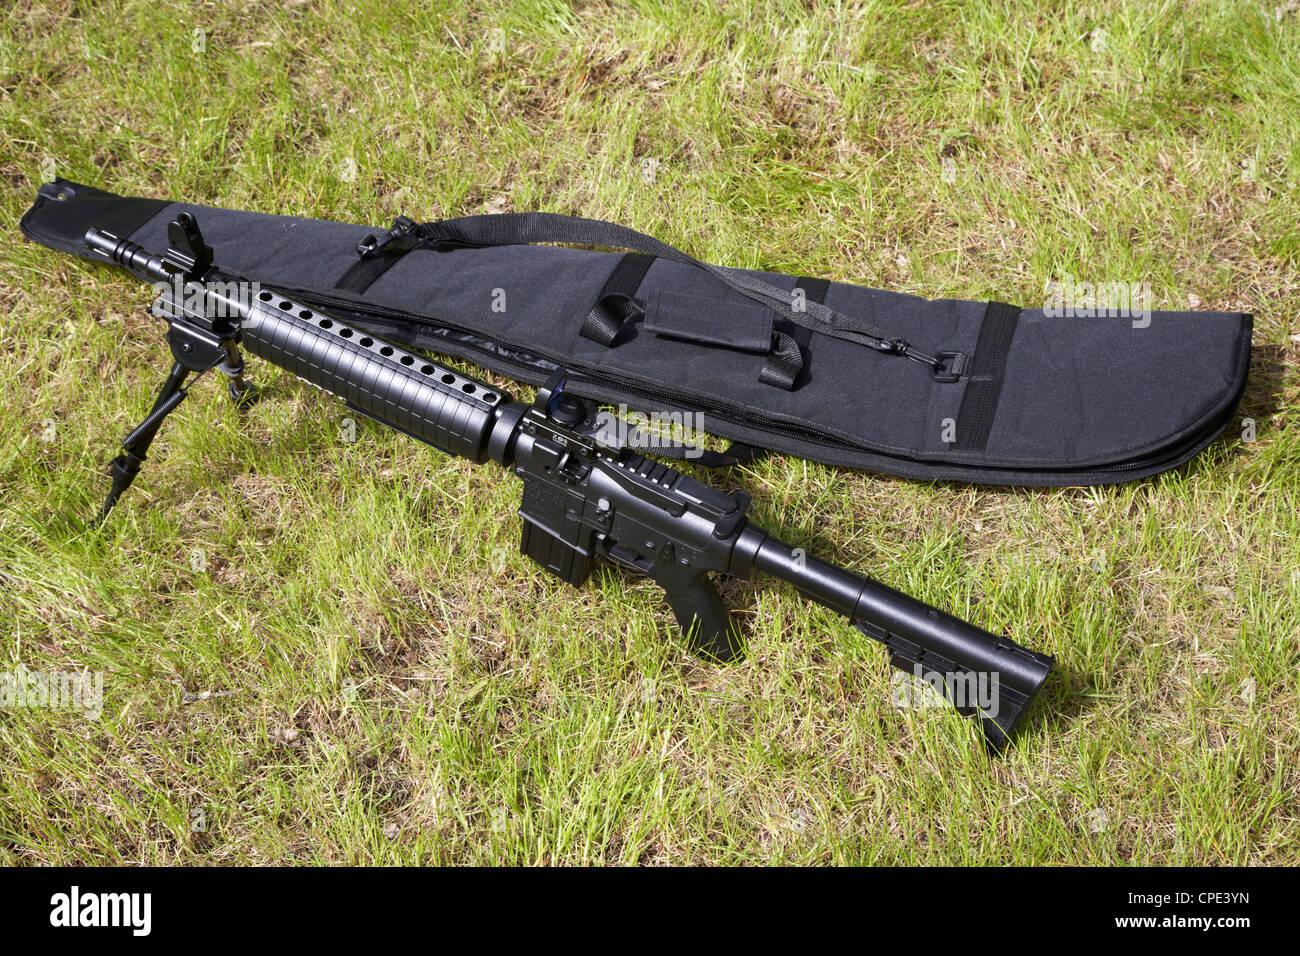 Airsoft m417 Gewehr bei einem Scharmützel im Vereinigten Königreich Stockbild